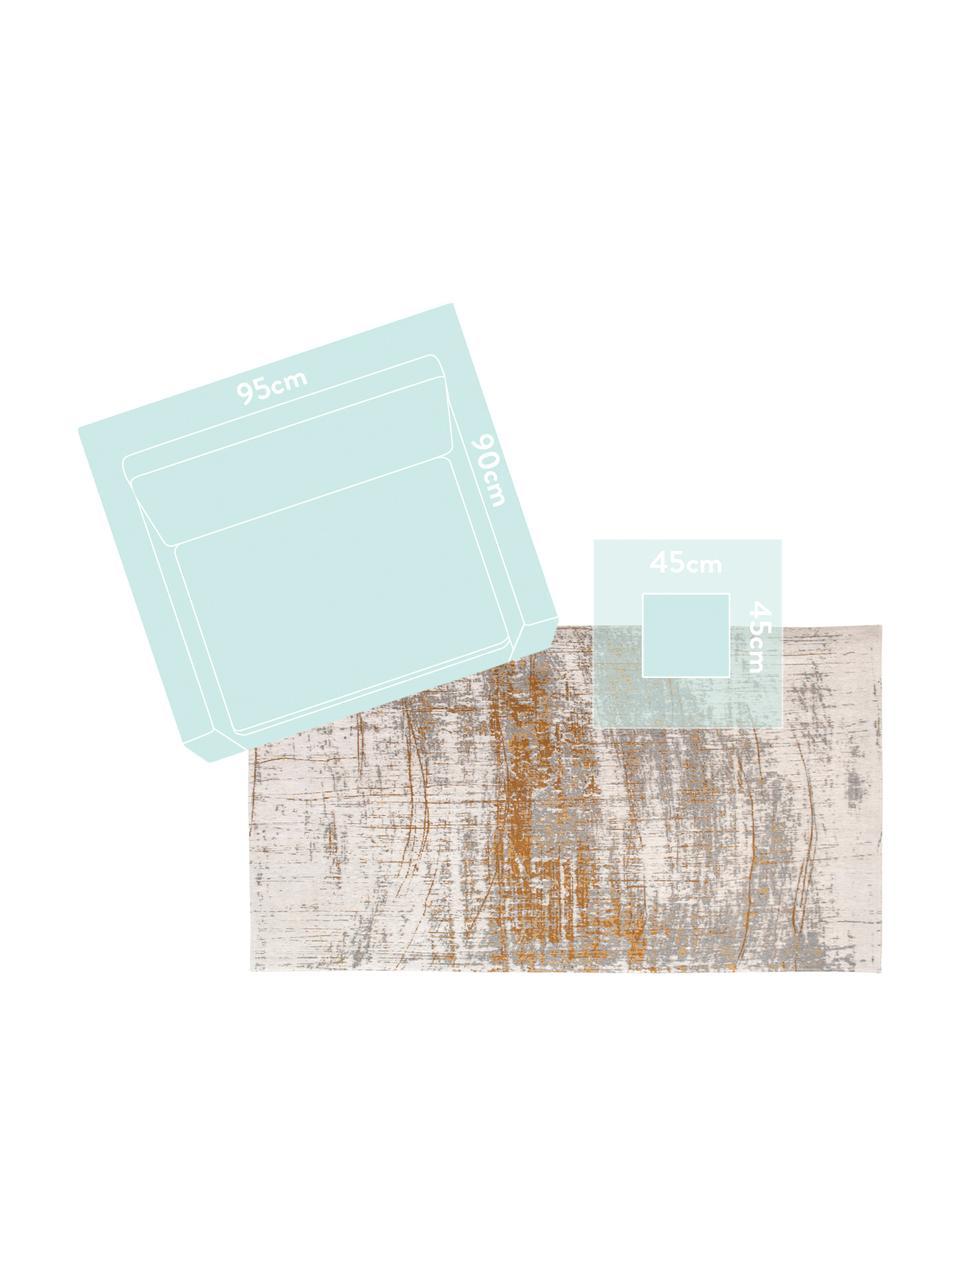 Vloerkleed Griff, Bovenzijde: 85%katoen, 15%hoogglanz, Weeftechniek: jacquard, Onderzijde: katoenmix, gecoat met lat, Grijs, goudkleurig, wit, B 170 x L 240 cm (maat M)